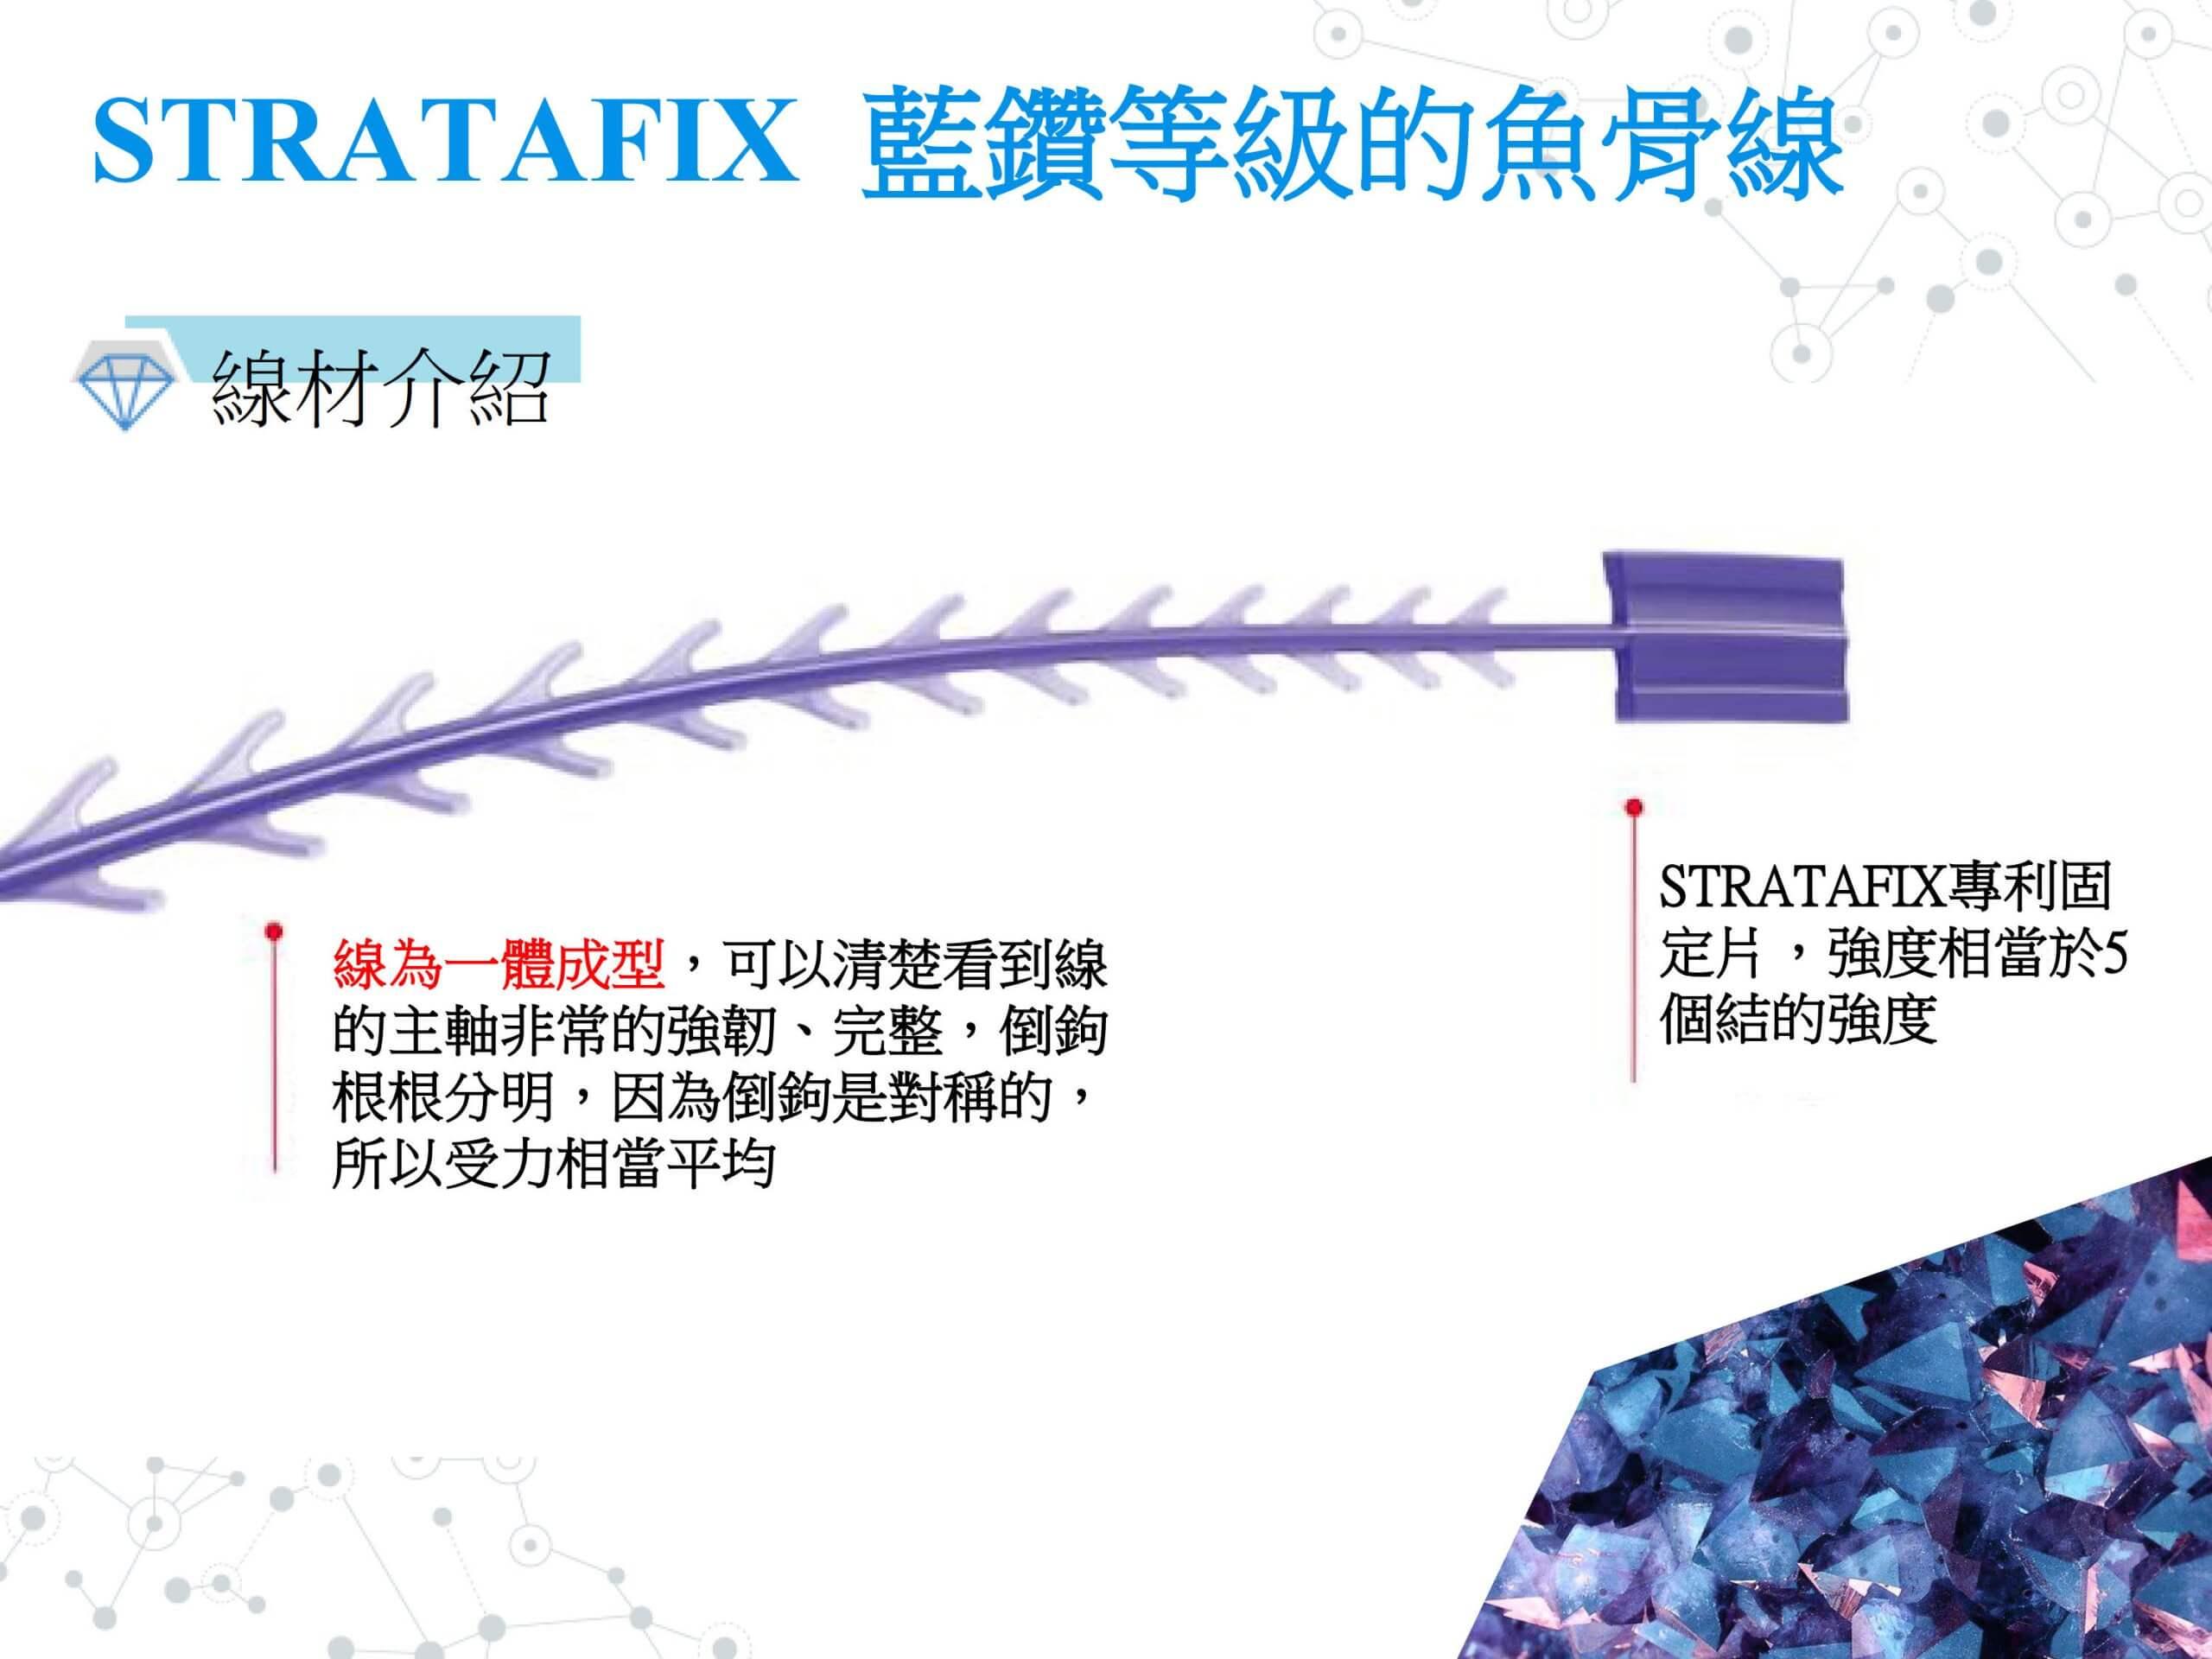 中下臉線雕 藍鑽魚骨線(Stratafix)